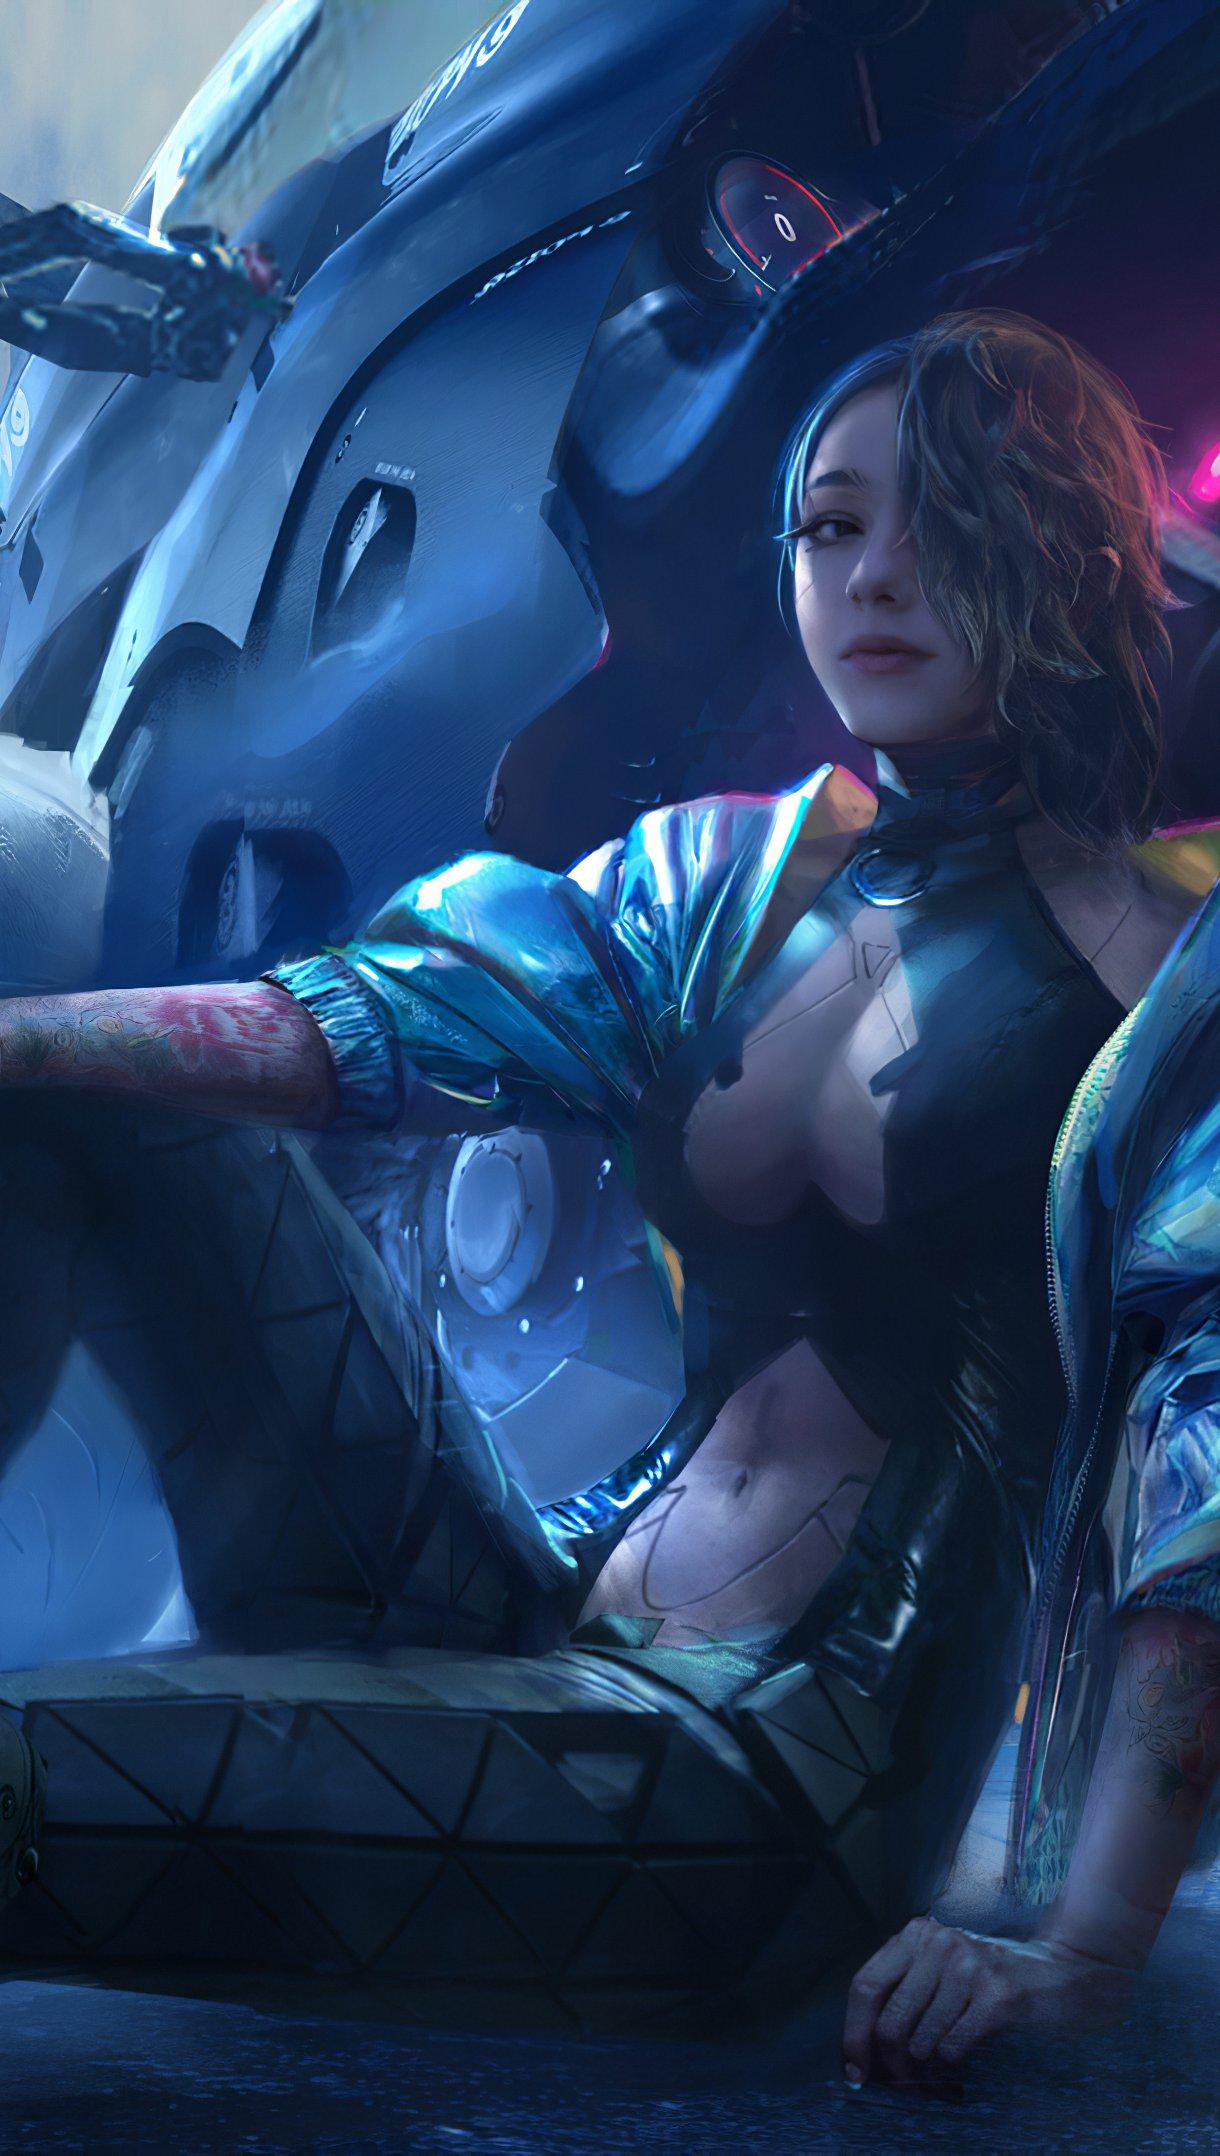 Fondos de pantalla Ilustración de chica con motocicleta Vertical